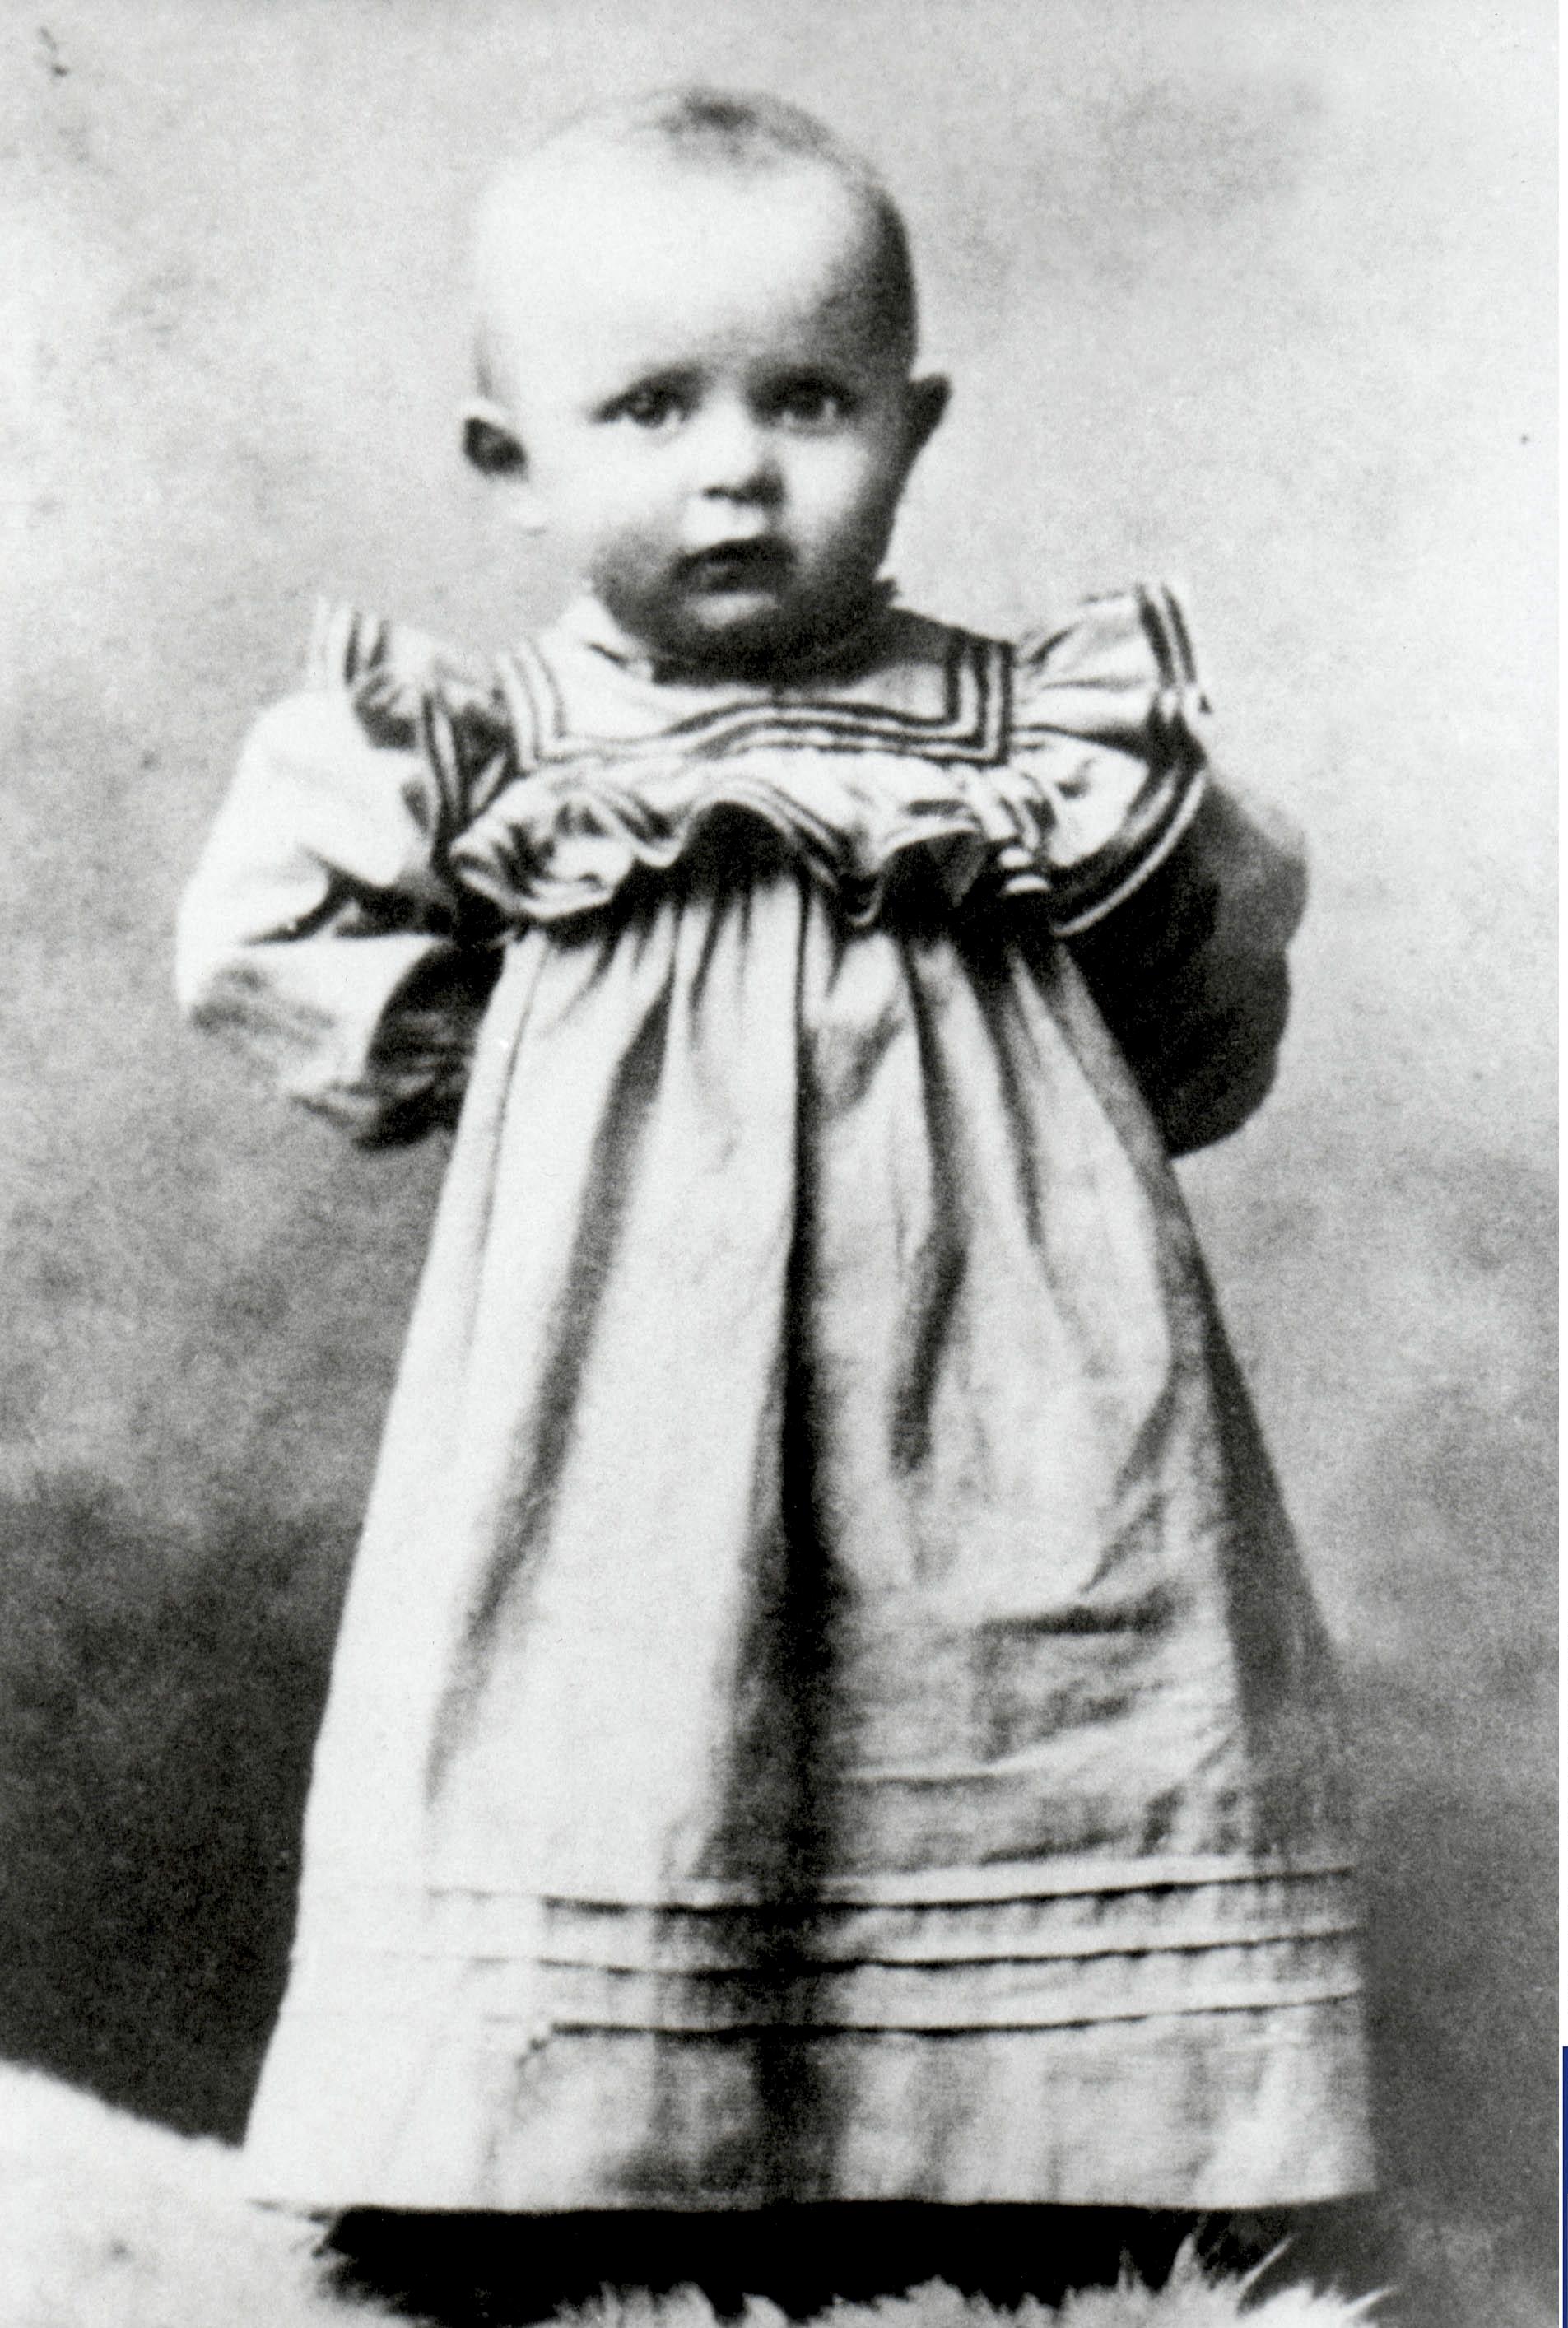 Trudne Dzieciństwo Jana Pawła Ii Stracił Matkę Gdy Miał 9 Lat